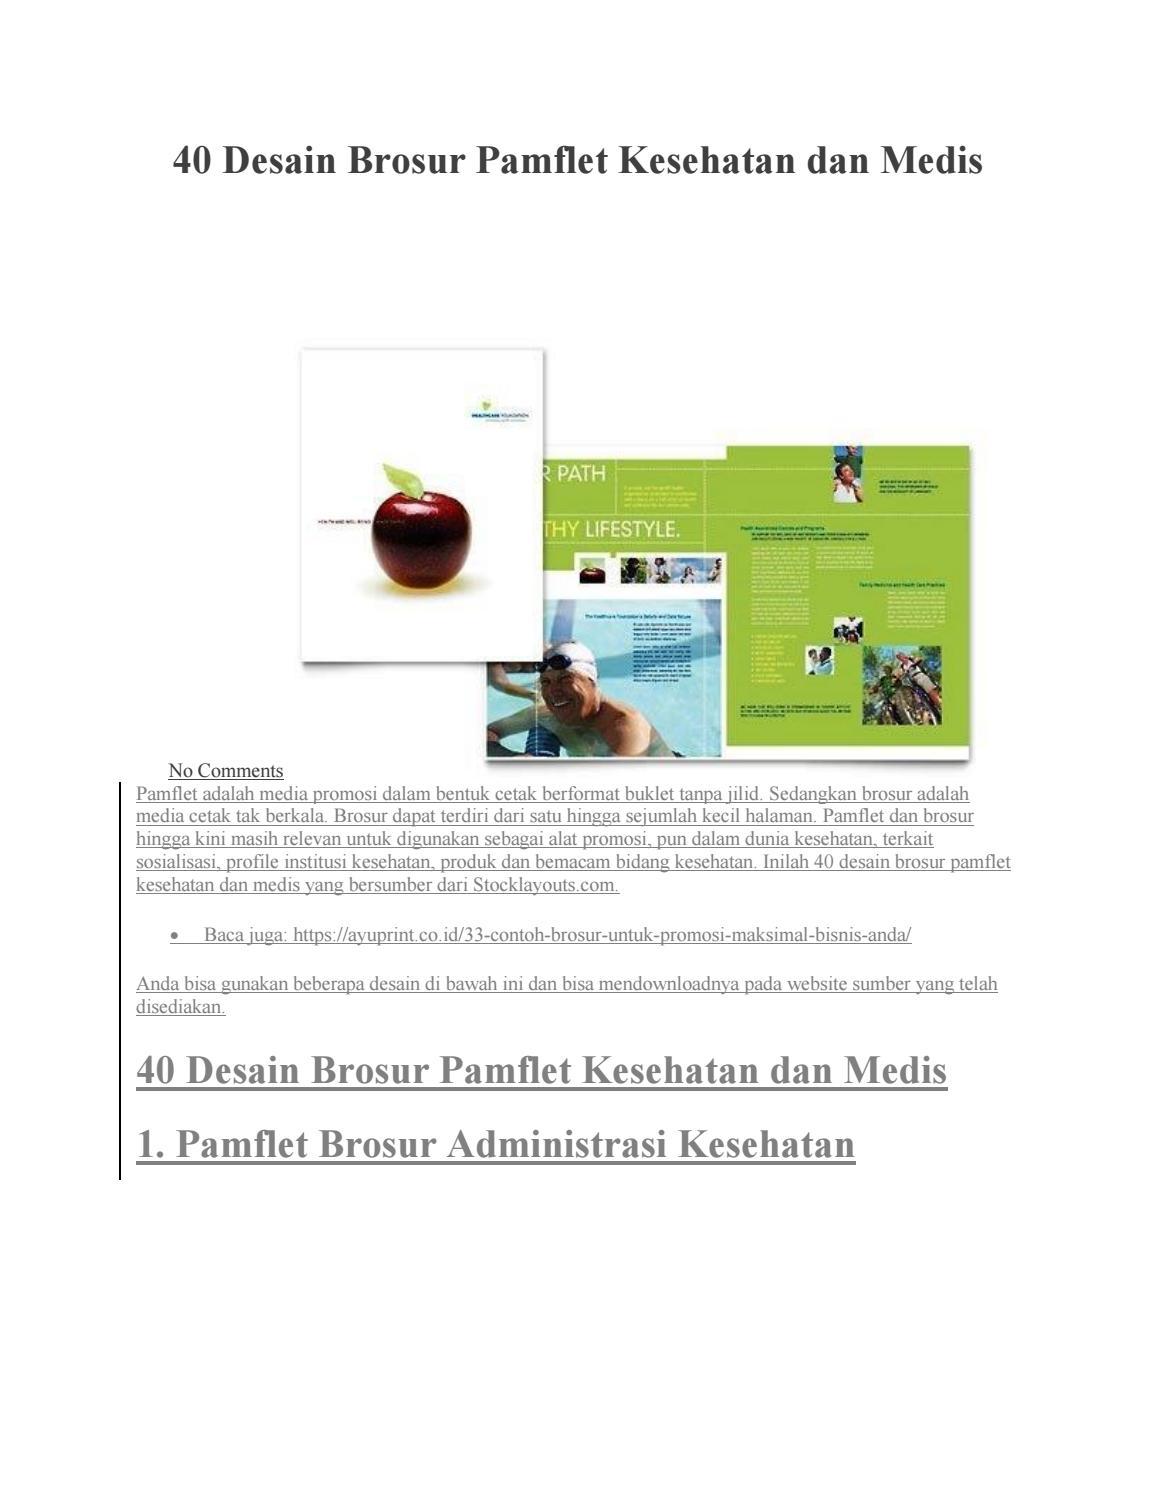 40 Desain Brosur Pamflet Kesehatan Dan Medis By Fadli Herdiman Issuu